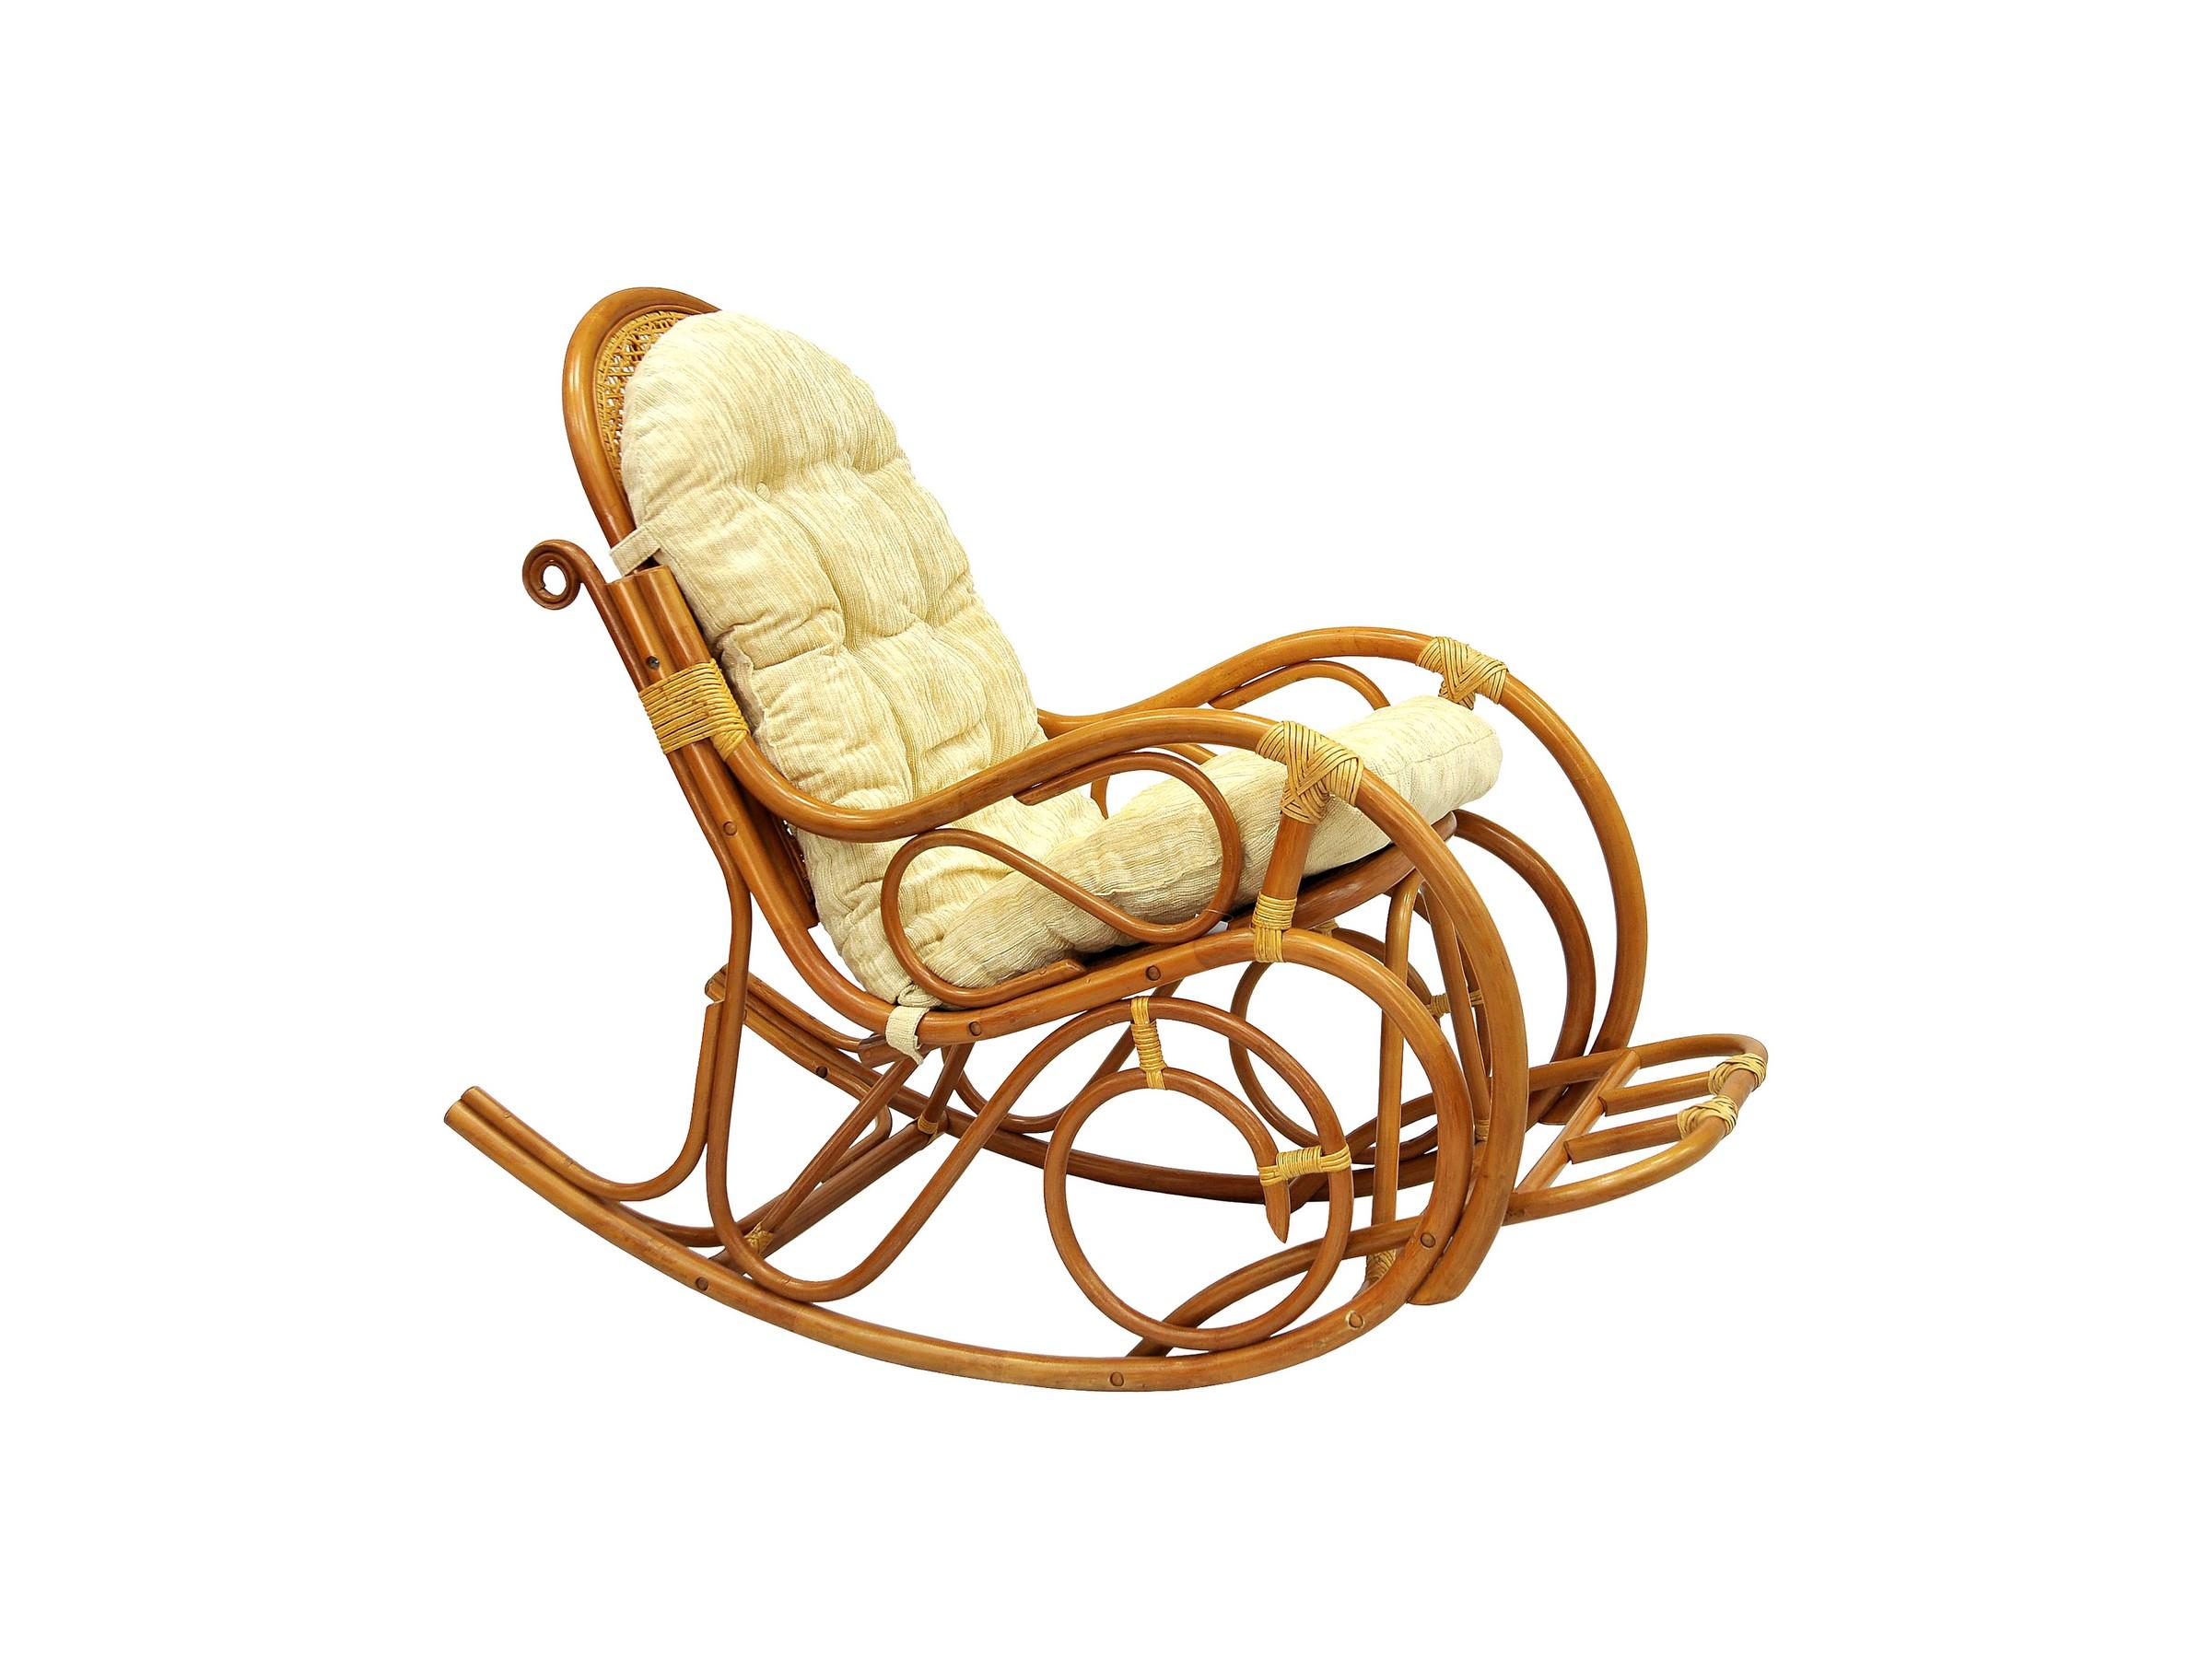 Кресло-качалка с подножкойКресла-качалки<br>Модель представлена в исполнении Matte. Матовое покрытие изделия - это необычно и оригинально.  Кресло выглядит более дорогим и респектабельным. Основным отличием кресла Matte является ротанг класса А - более толстый, прочный и гладкий.&amp;lt;div&amp;gt;&amp;lt;br&amp;gt;&amp;lt;/div&amp;gt;&amp;lt;div&amp;gt;Цвет: коньячный&amp;lt;/div&amp;gt;&amp;lt;div&amp;gt;Материал подушки: шенилл&amp;lt;/div&amp;gt;&amp;lt;div&amp;gt;Размеры: 58*128*Н=99 см&amp;lt;/div&amp;gt;&amp;lt;div&amp;gt;Особенности:  сборно-разборная, с подножкой, оплетка - кожа&amp;lt;/div&amp;gt;&amp;lt;div&amp;gt;Вес, кг:  15&amp;lt;/div&amp;gt;&amp;lt;div&amp;gt;Выдерживаемая нагрузка, кг:  100&amp;lt;/div&amp;gt;<br><br>Material: Ротанг<br>Width см: 58<br>Depth см: 128<br>Height см: 99